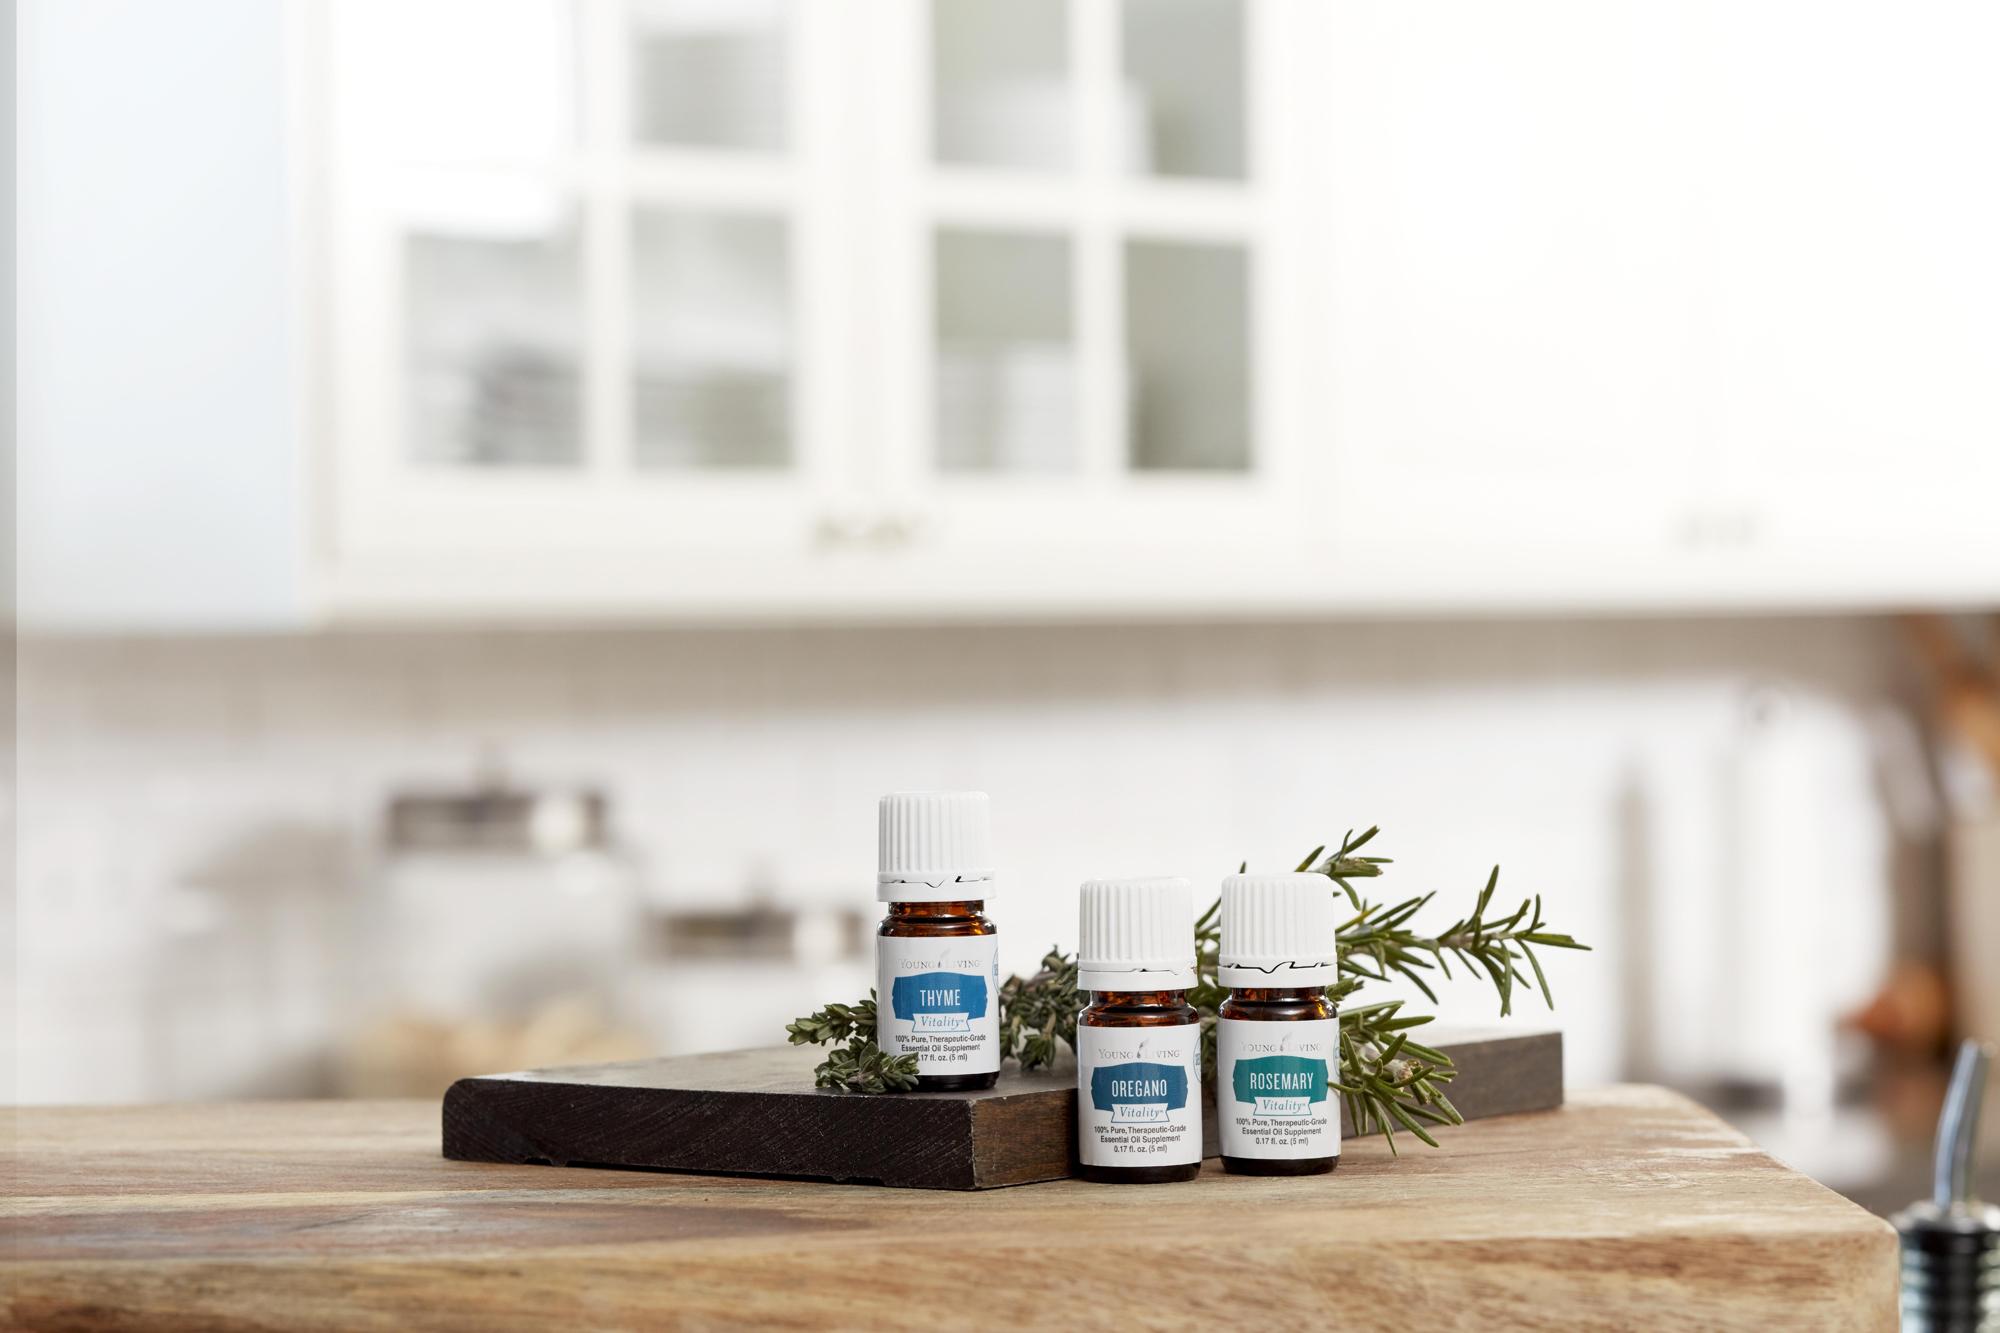 vitality-herb_23774449544_o.jpg